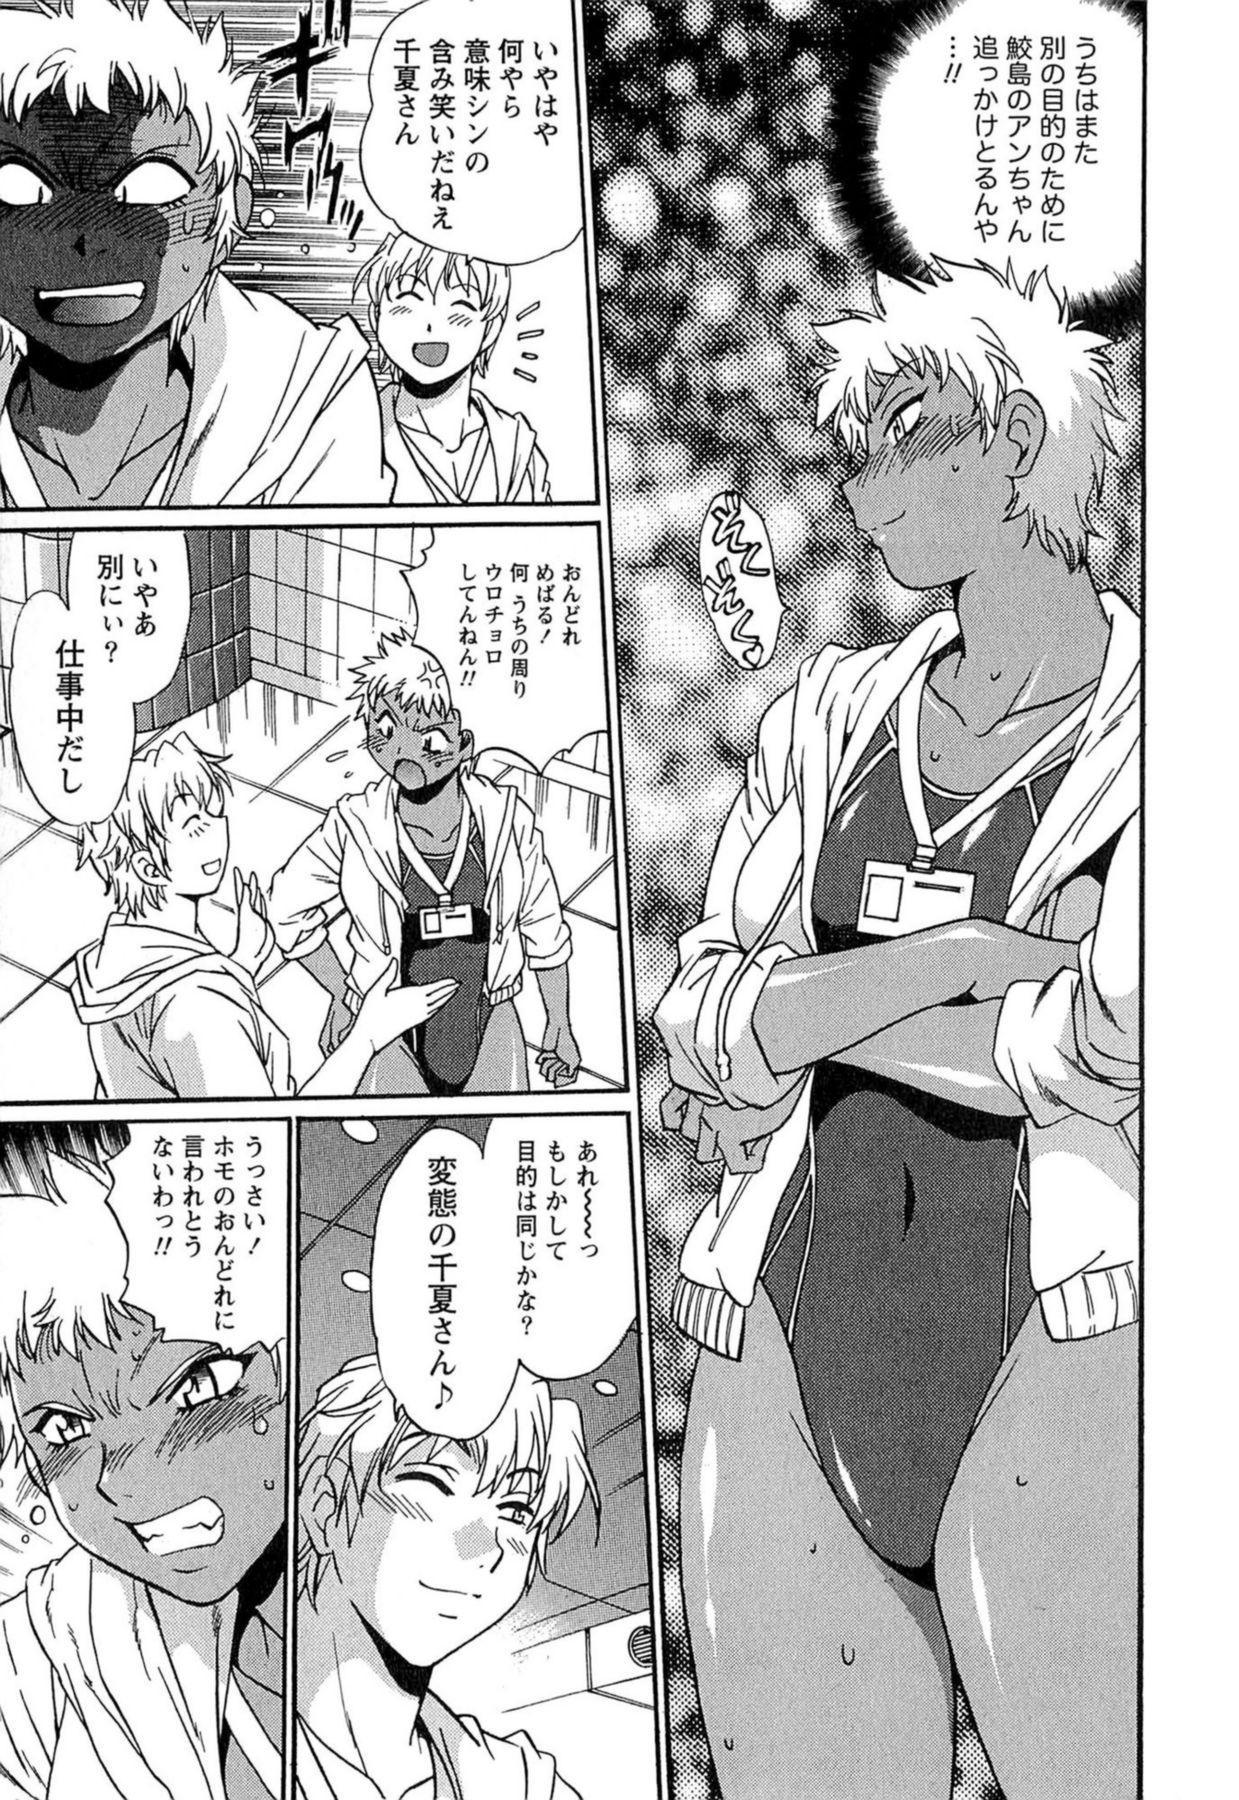 Kuikomi wo Naoshiteru Hima wa Nai! Vol. 1 67